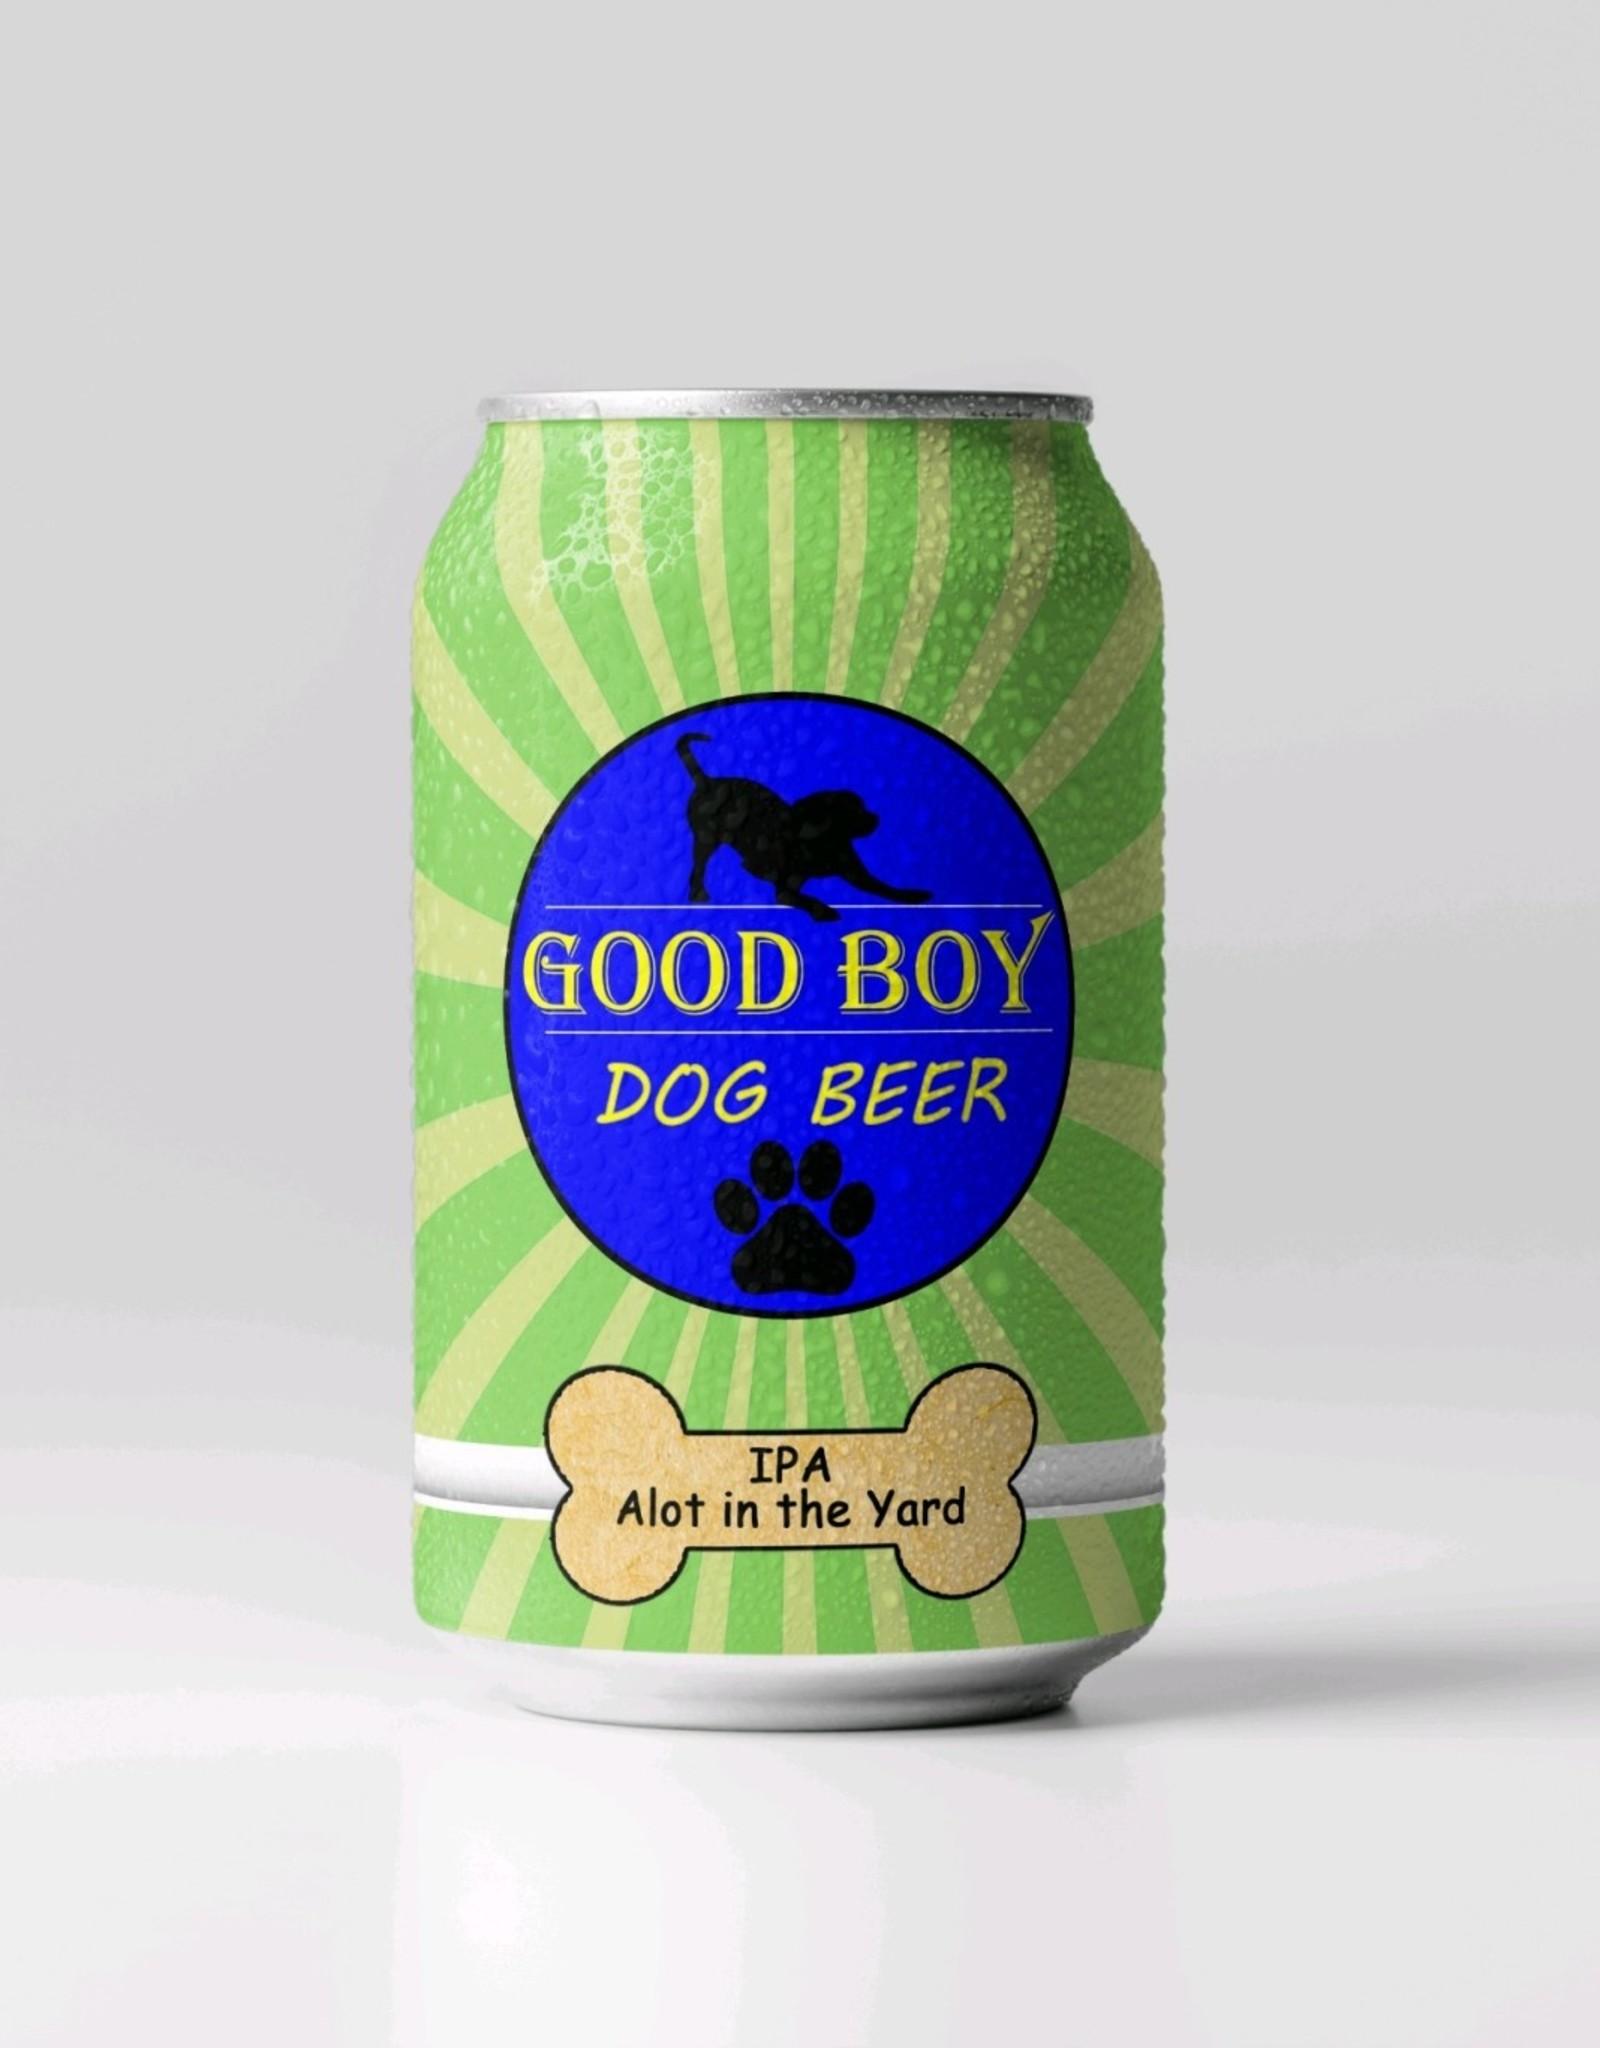 Good Boy Dog Beer Good Boy Dog Beer - IPA lot in the yard